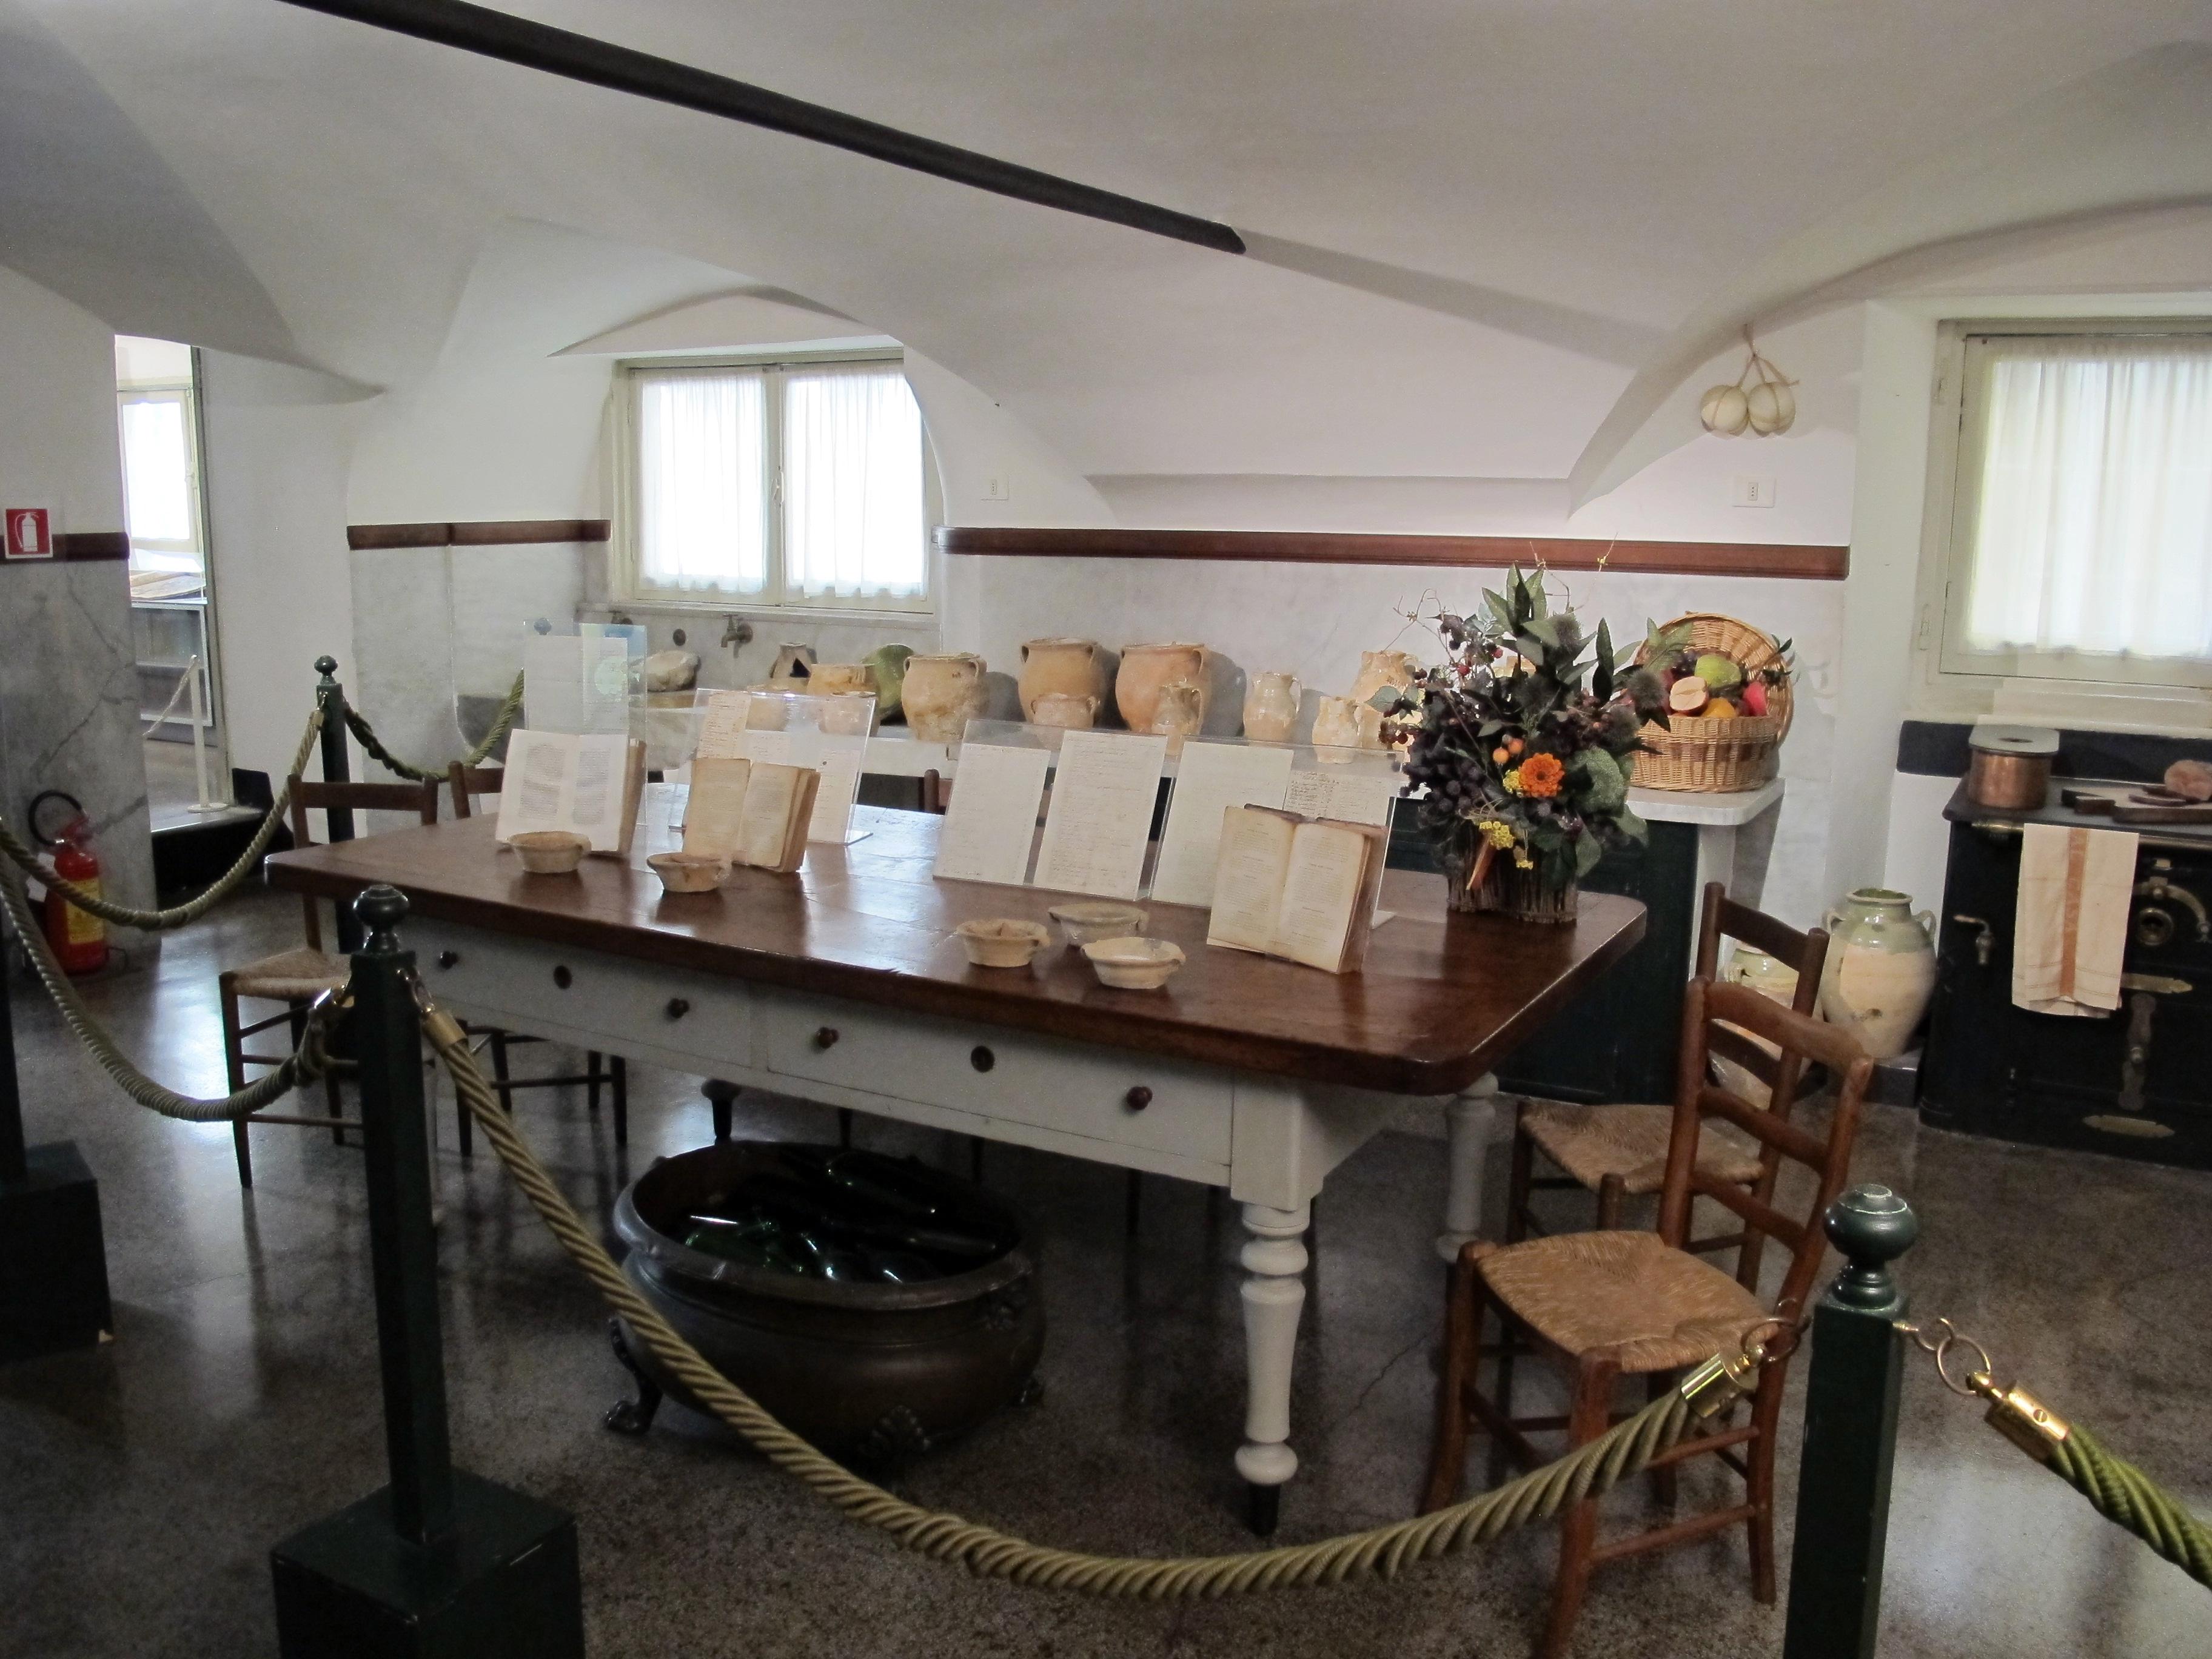 File:Palazzo spinola, antiche cucine 01.JPG - Wikipedia